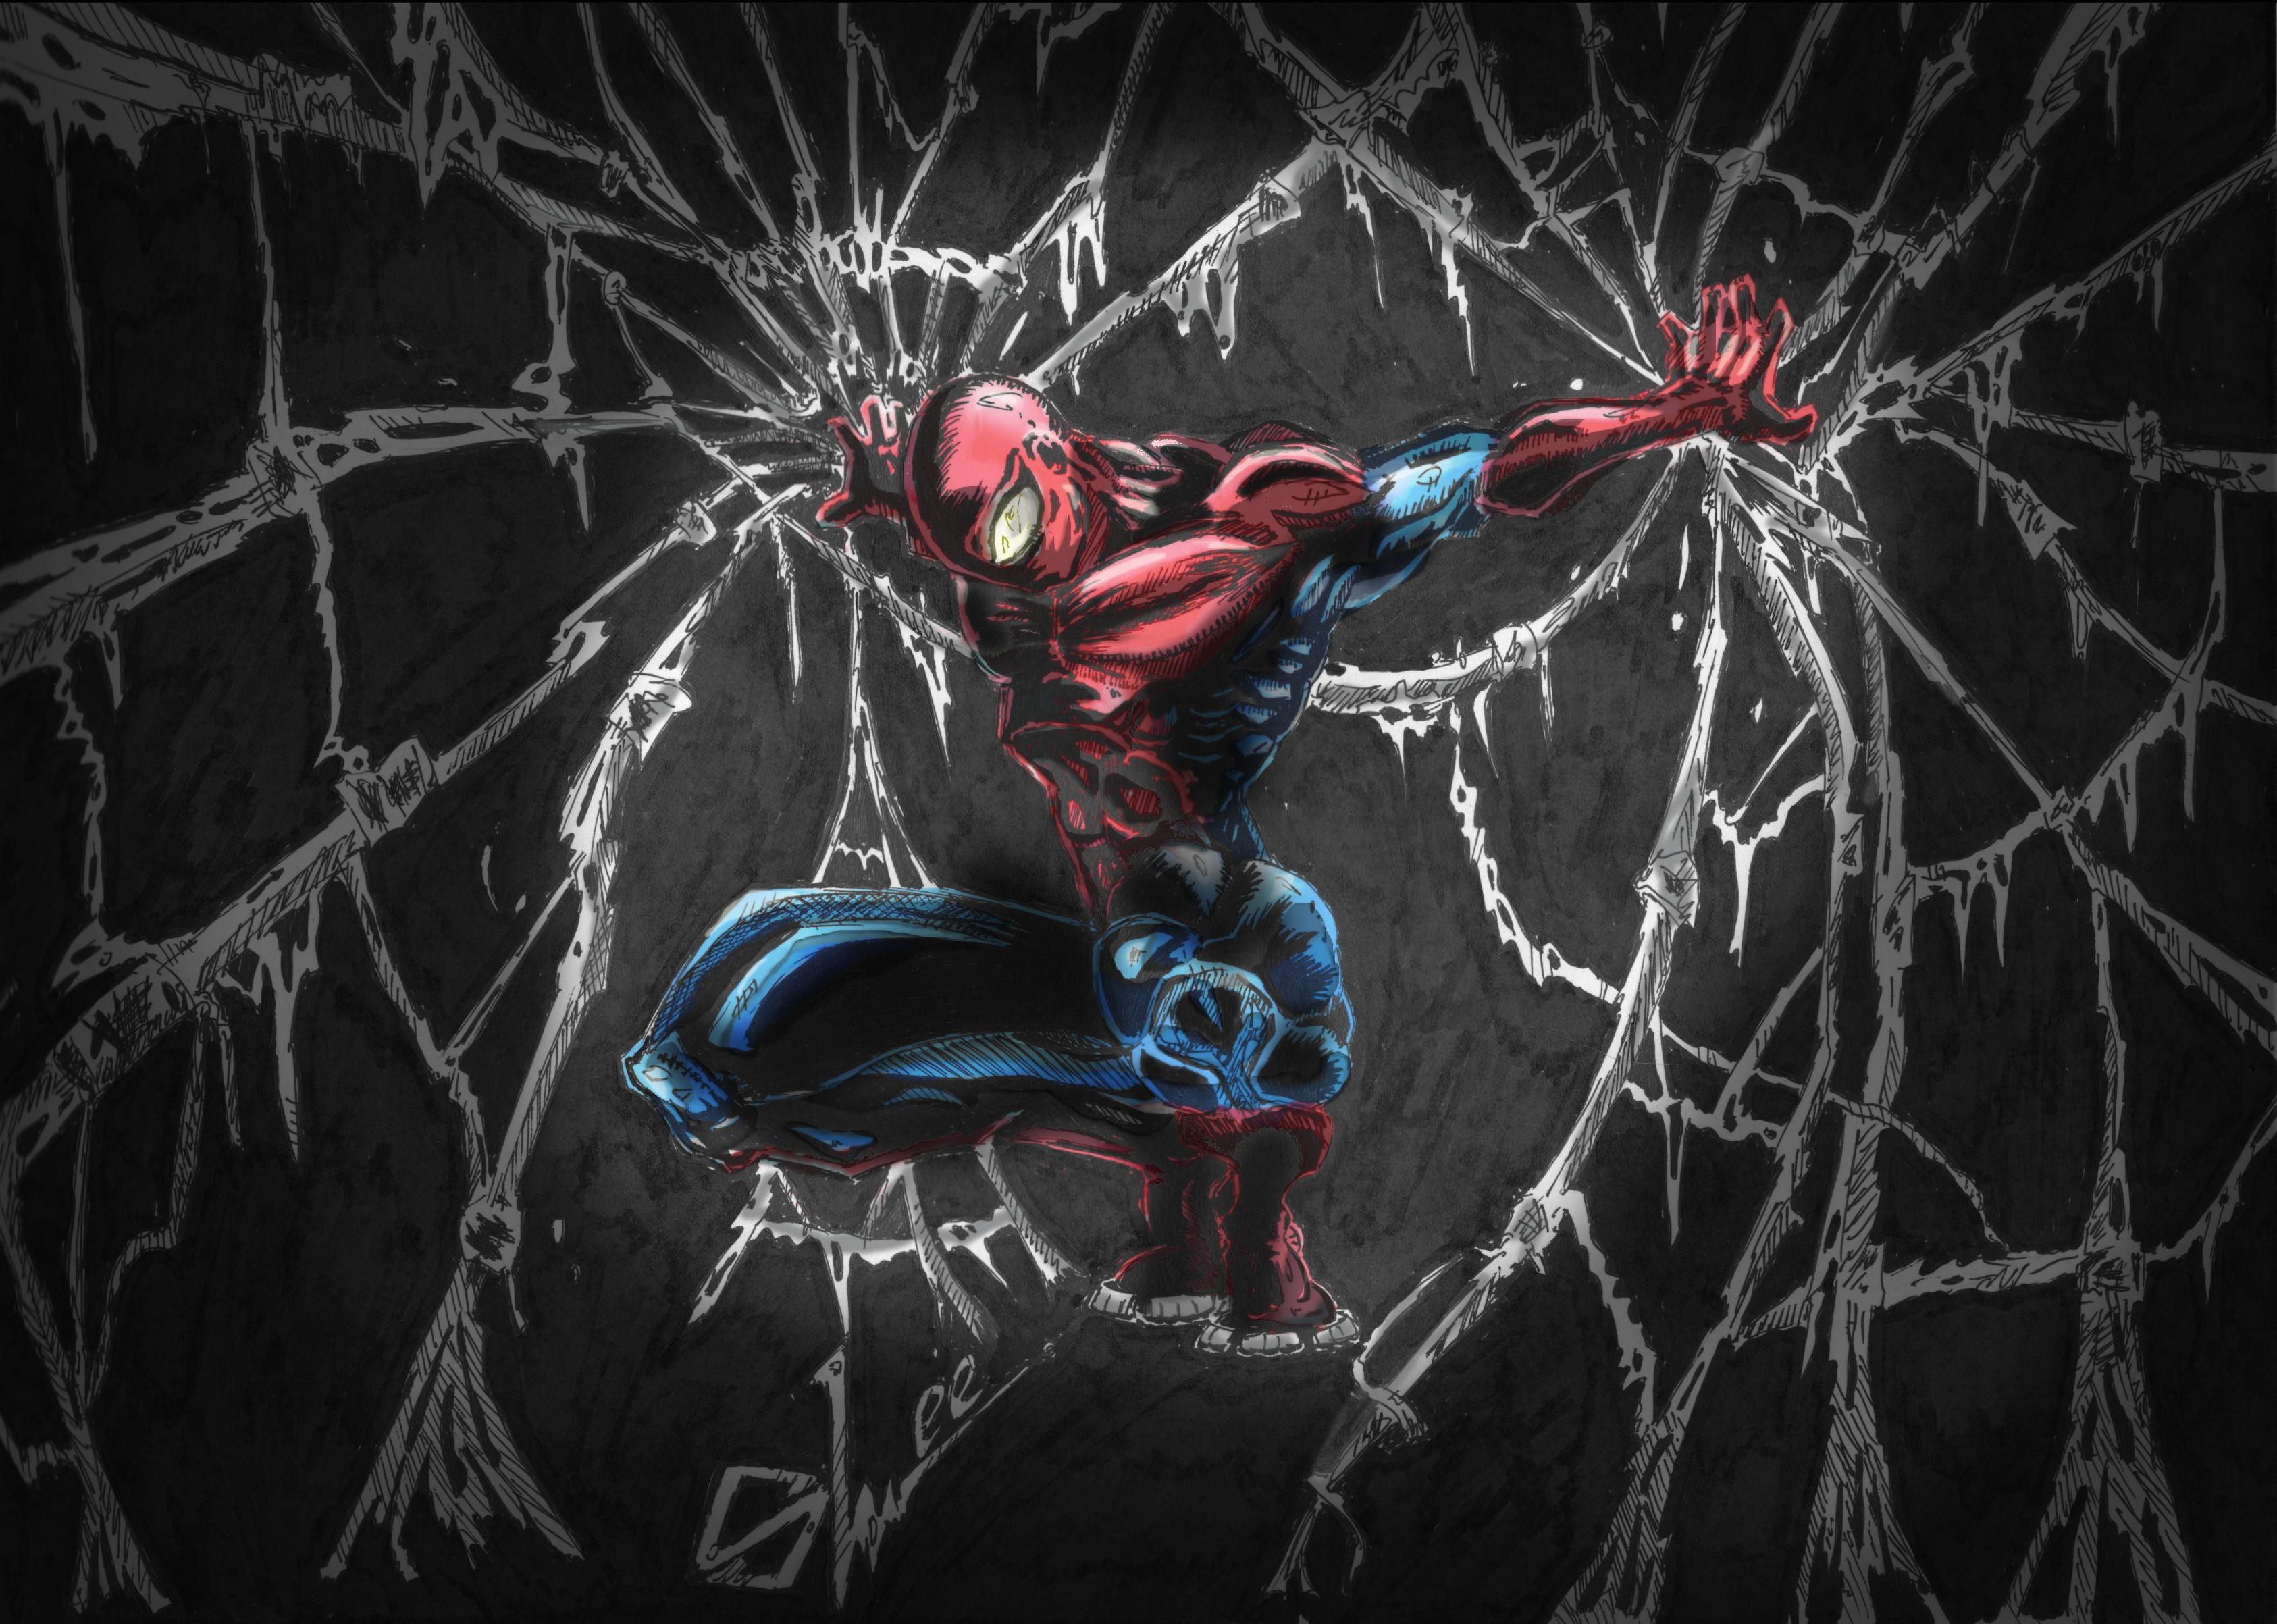 4k Wallpaper Fanart Pubattlegrounds: Spiderman Comic Art, HD Artist, 4k Wallpapers, Images